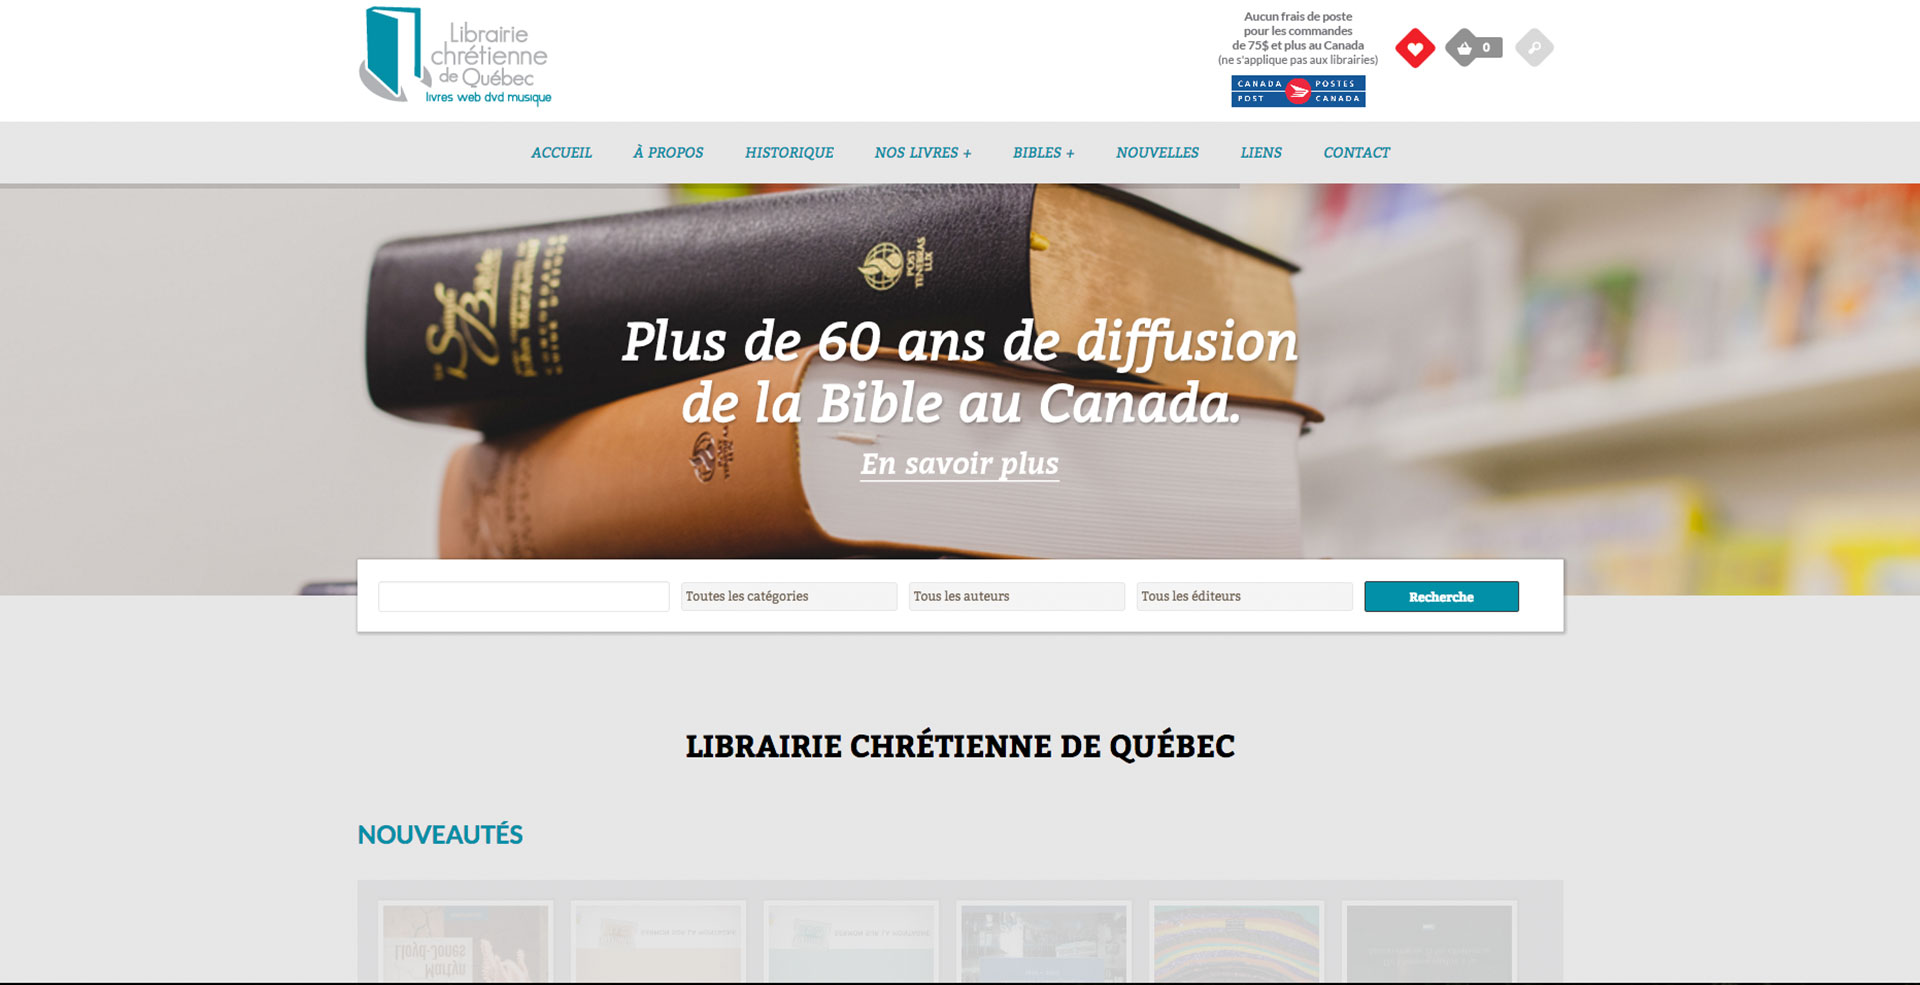 Librairie chrétienne de Québec